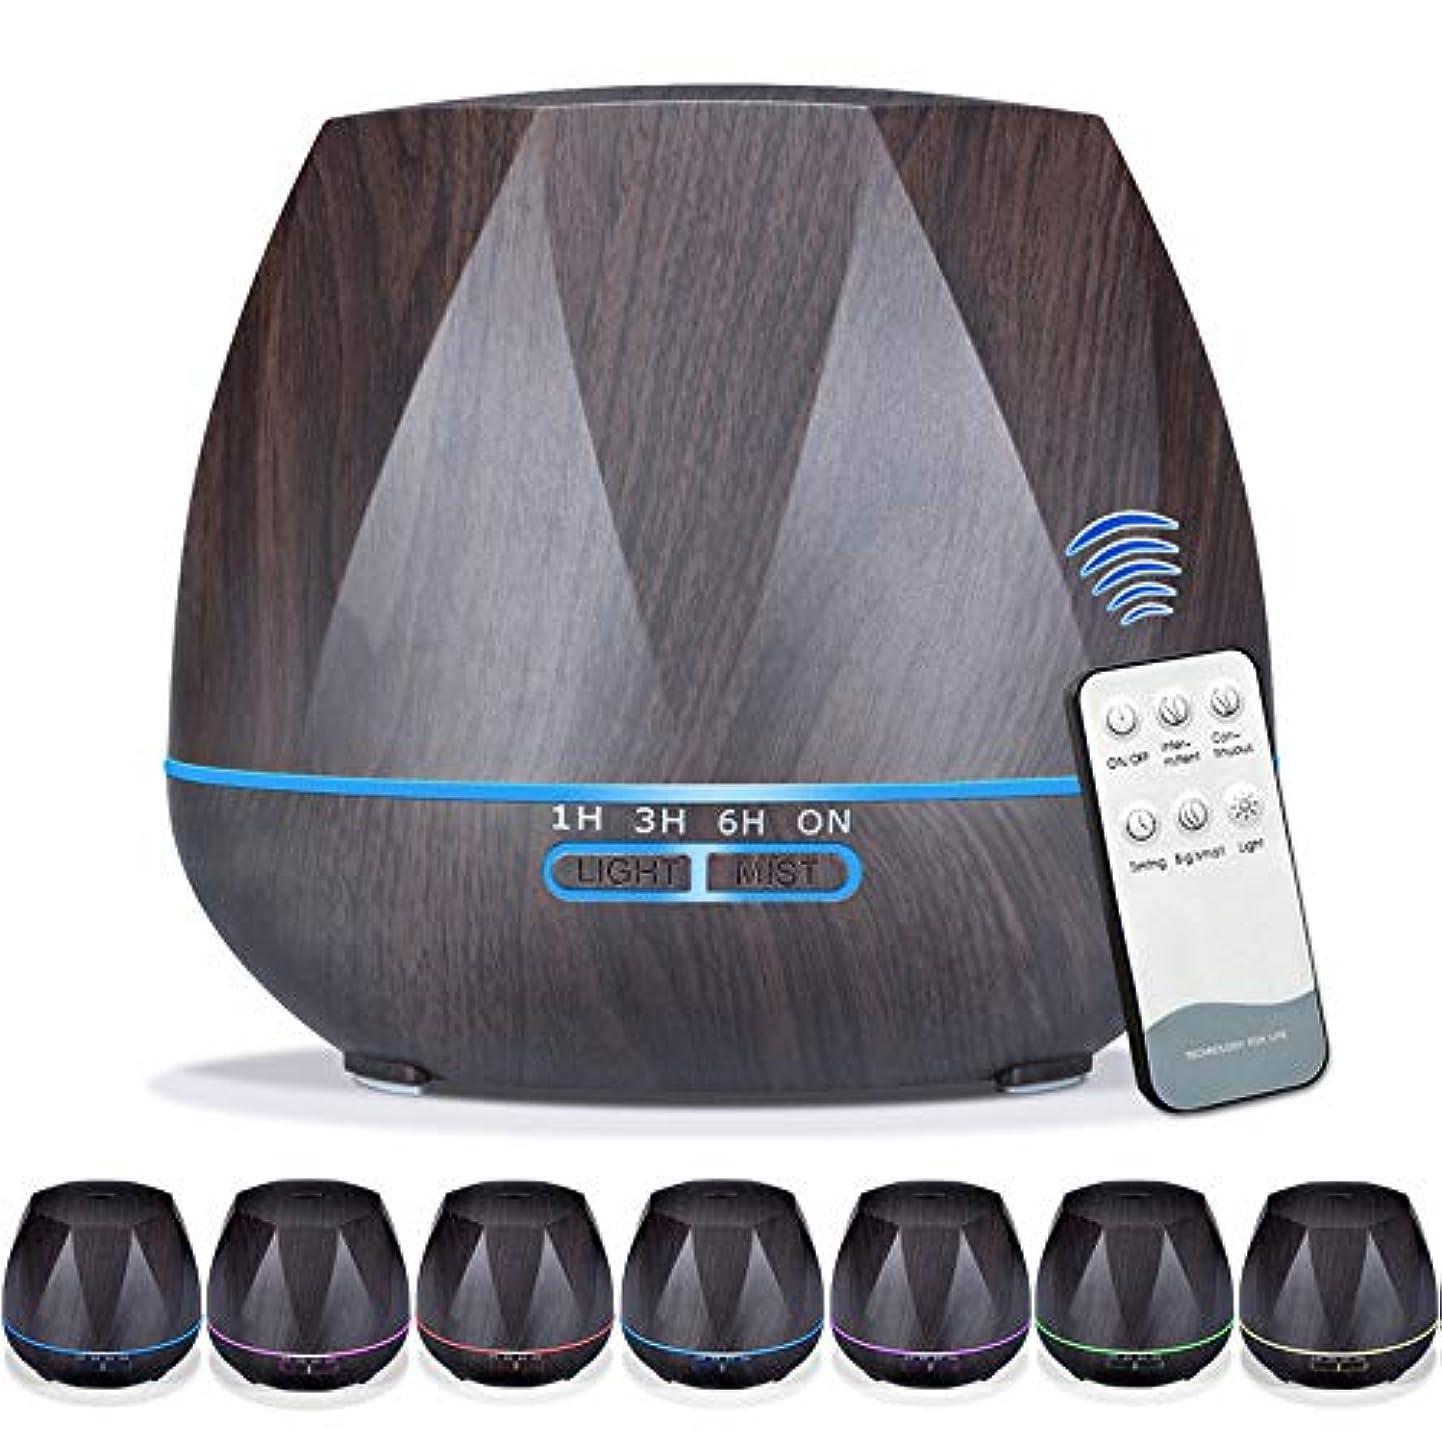 最大賛辞高い550mlエッセンシャルオイルディフューザー5に1アロマセラピー超音波クールミスト加湿器ルーム空気香りホームオフィスギフト用,EUplug